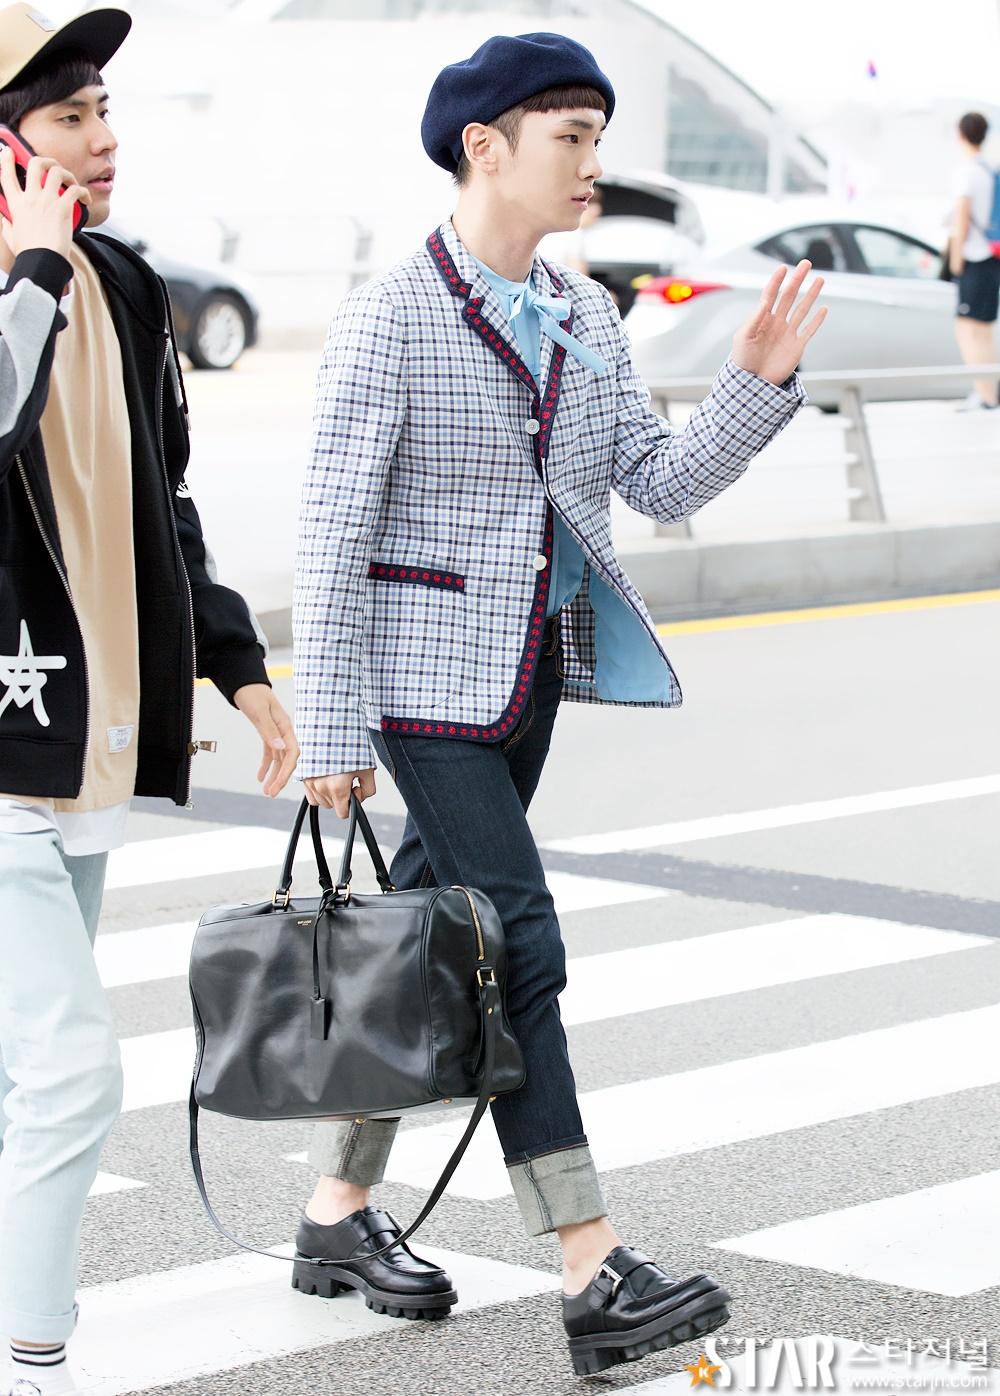 [IMG/160715] Jonghyun, Key @ Aeropuerto Incheon hacia Japón. HzxP7GD3